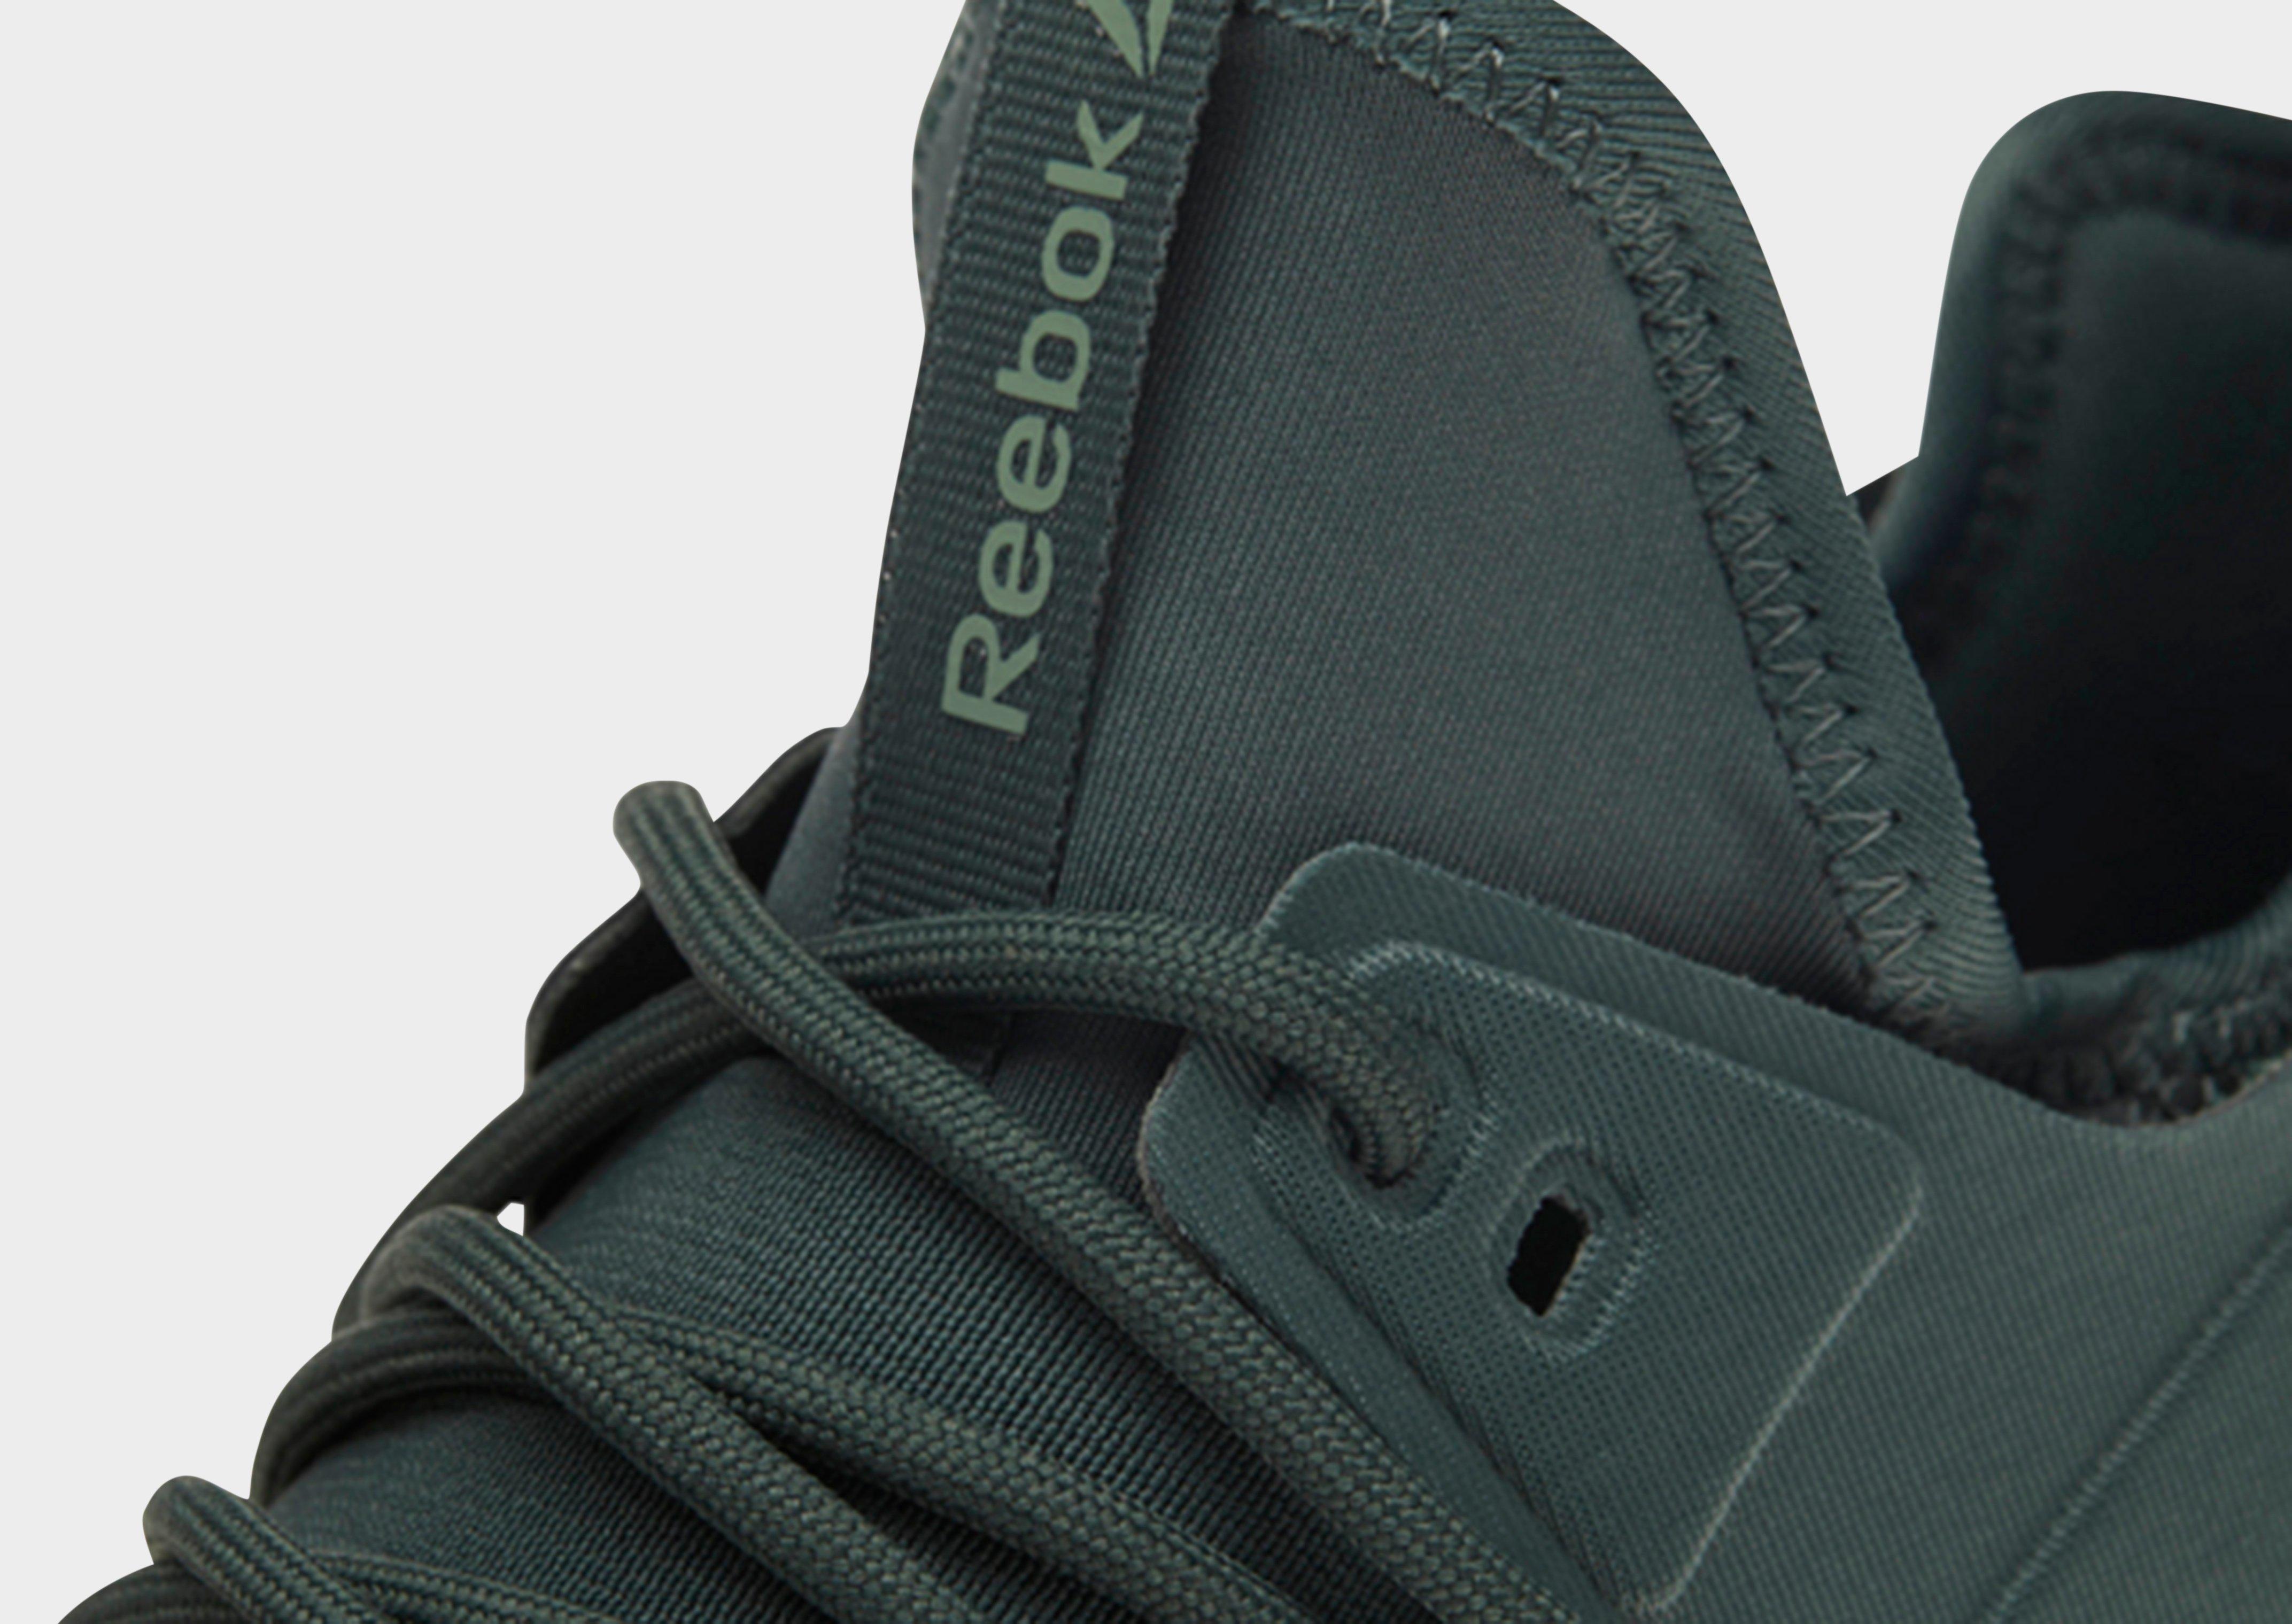 Reebok Guresu 2.0 Fitness Shoes in